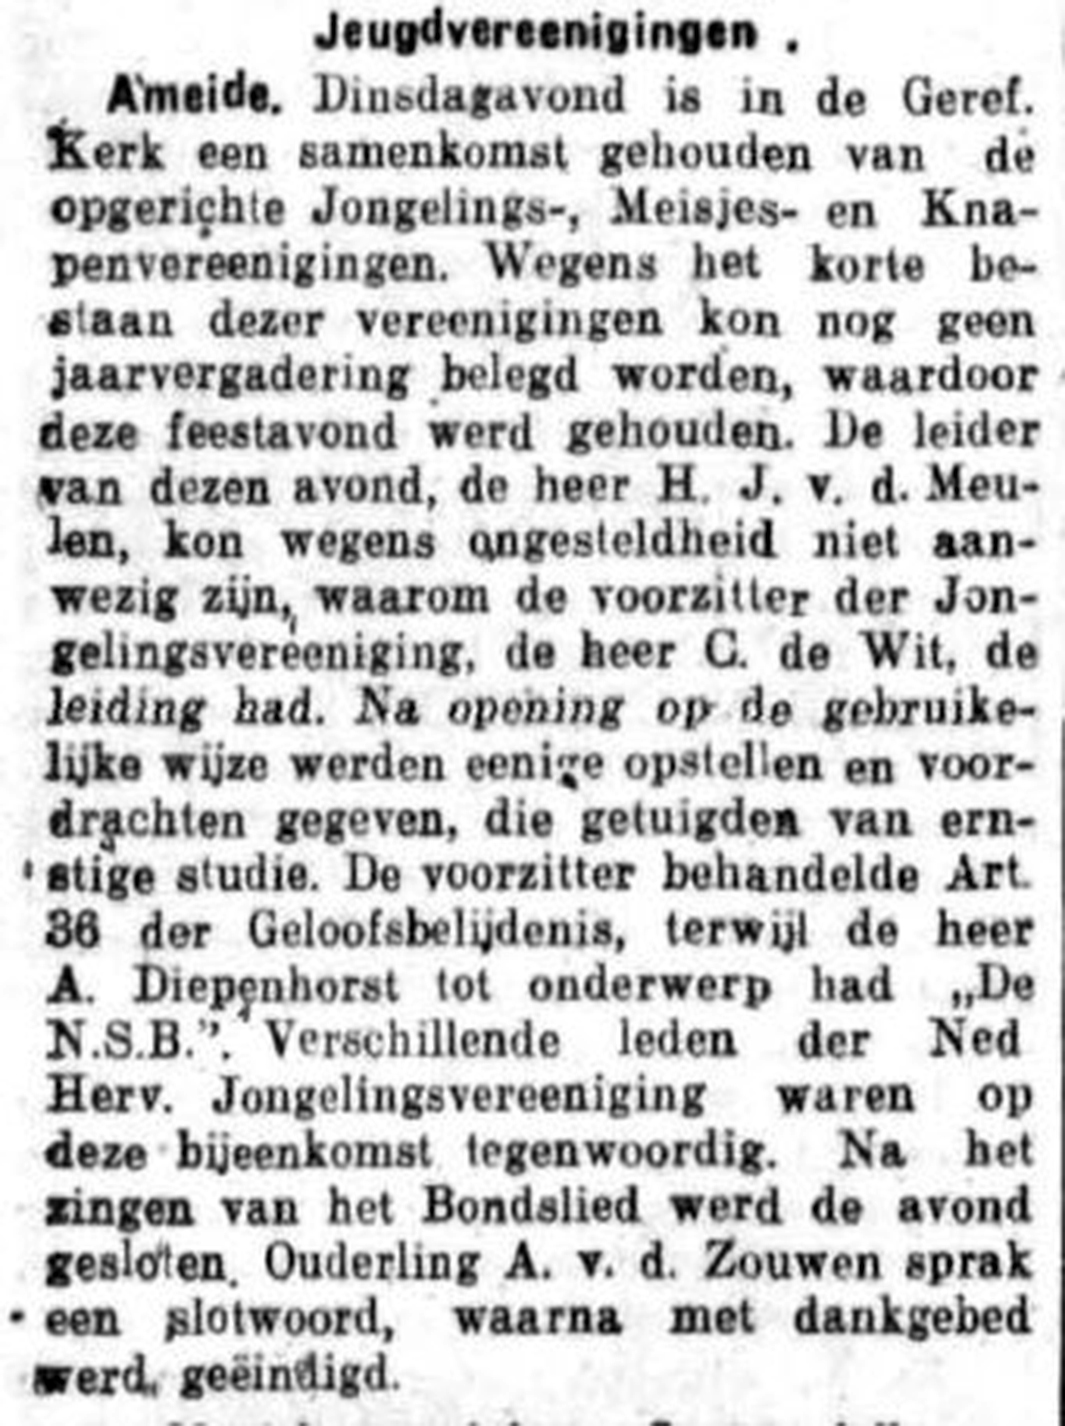 Schoonhovensche Courant 07768 1937-02-05 artikel 05